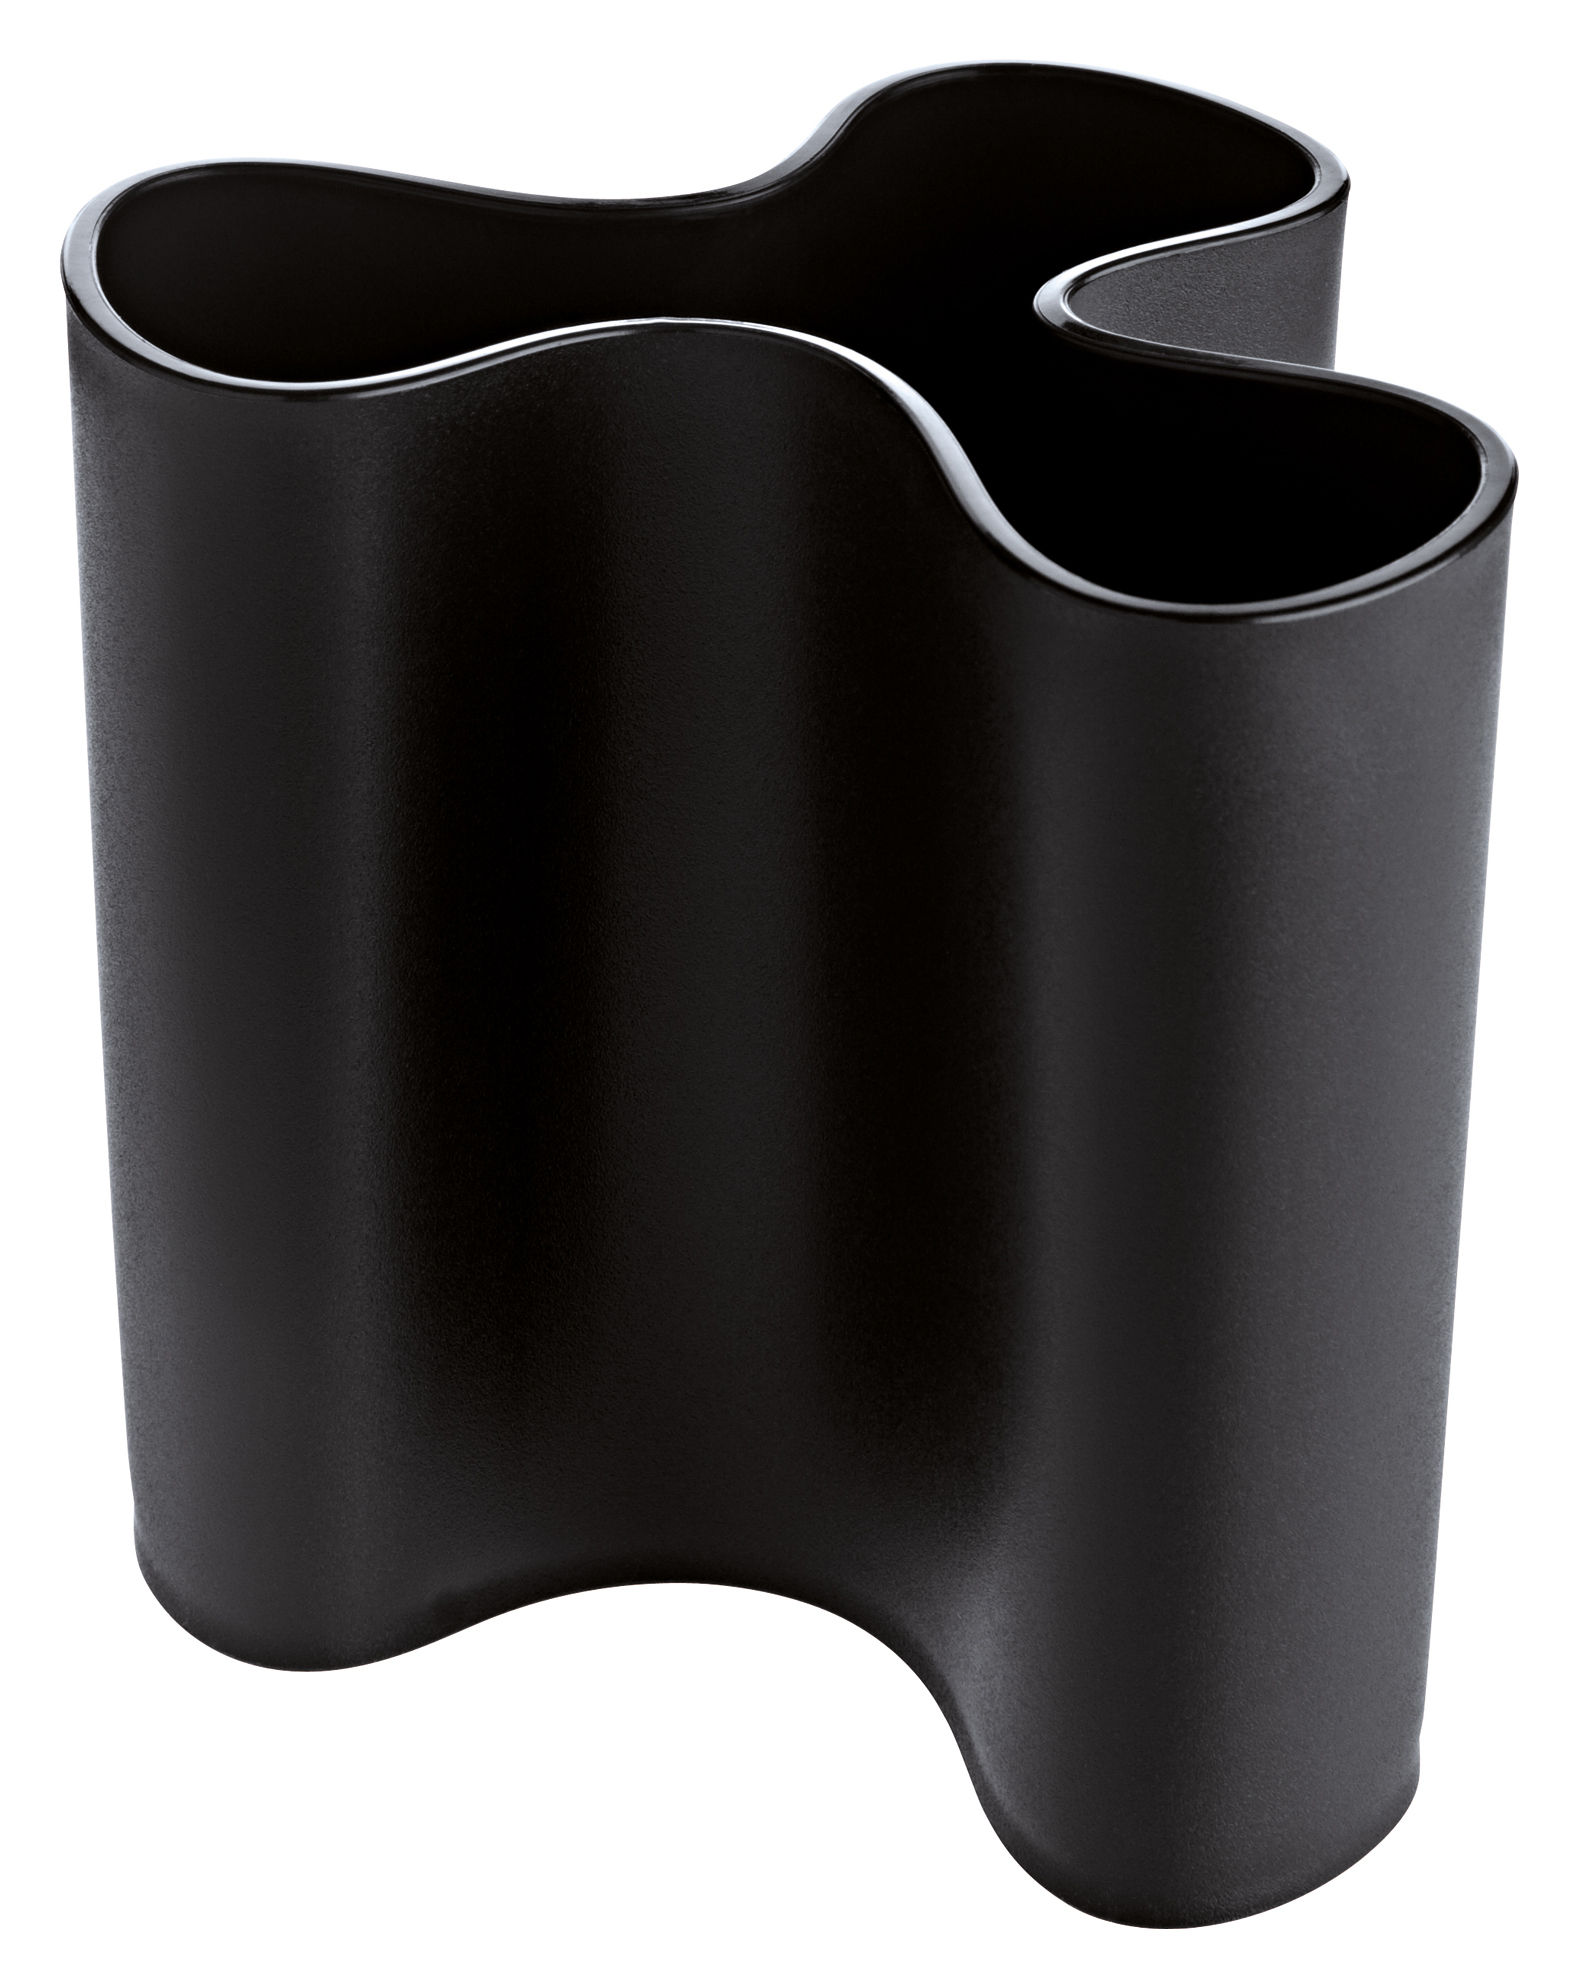 Déco - Vases - Vase Clara H 11 cm - Koziol - Noir - Matière plastique